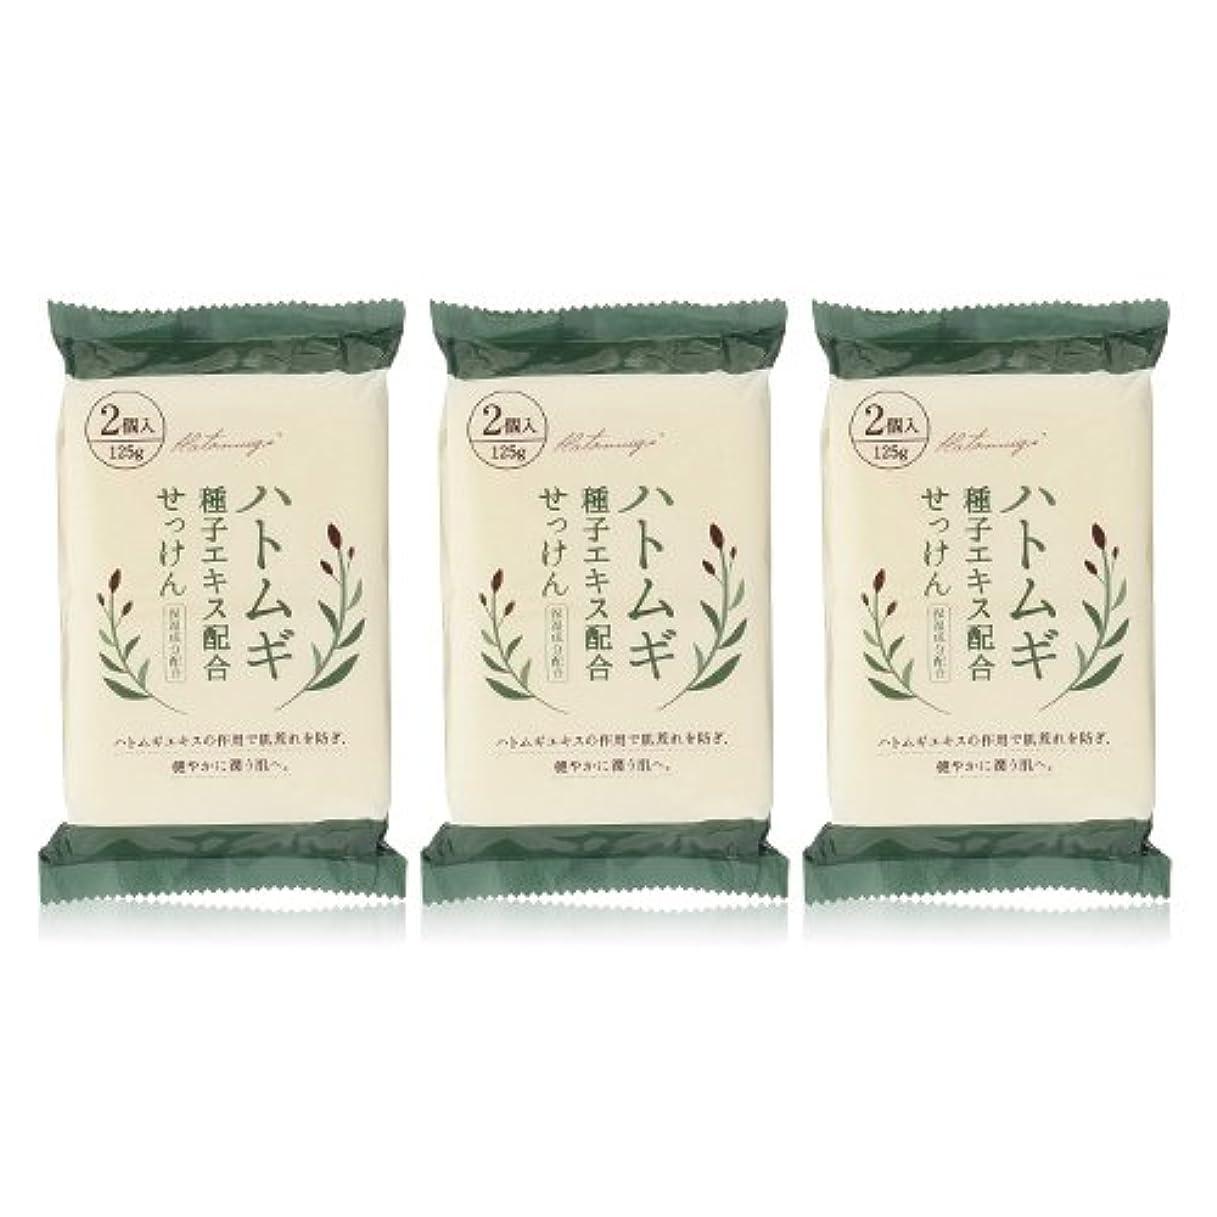 ベリー花輪ビーズハトムギ種子エキス配合石けん 125g(2コ入)×3個セット(計6個)